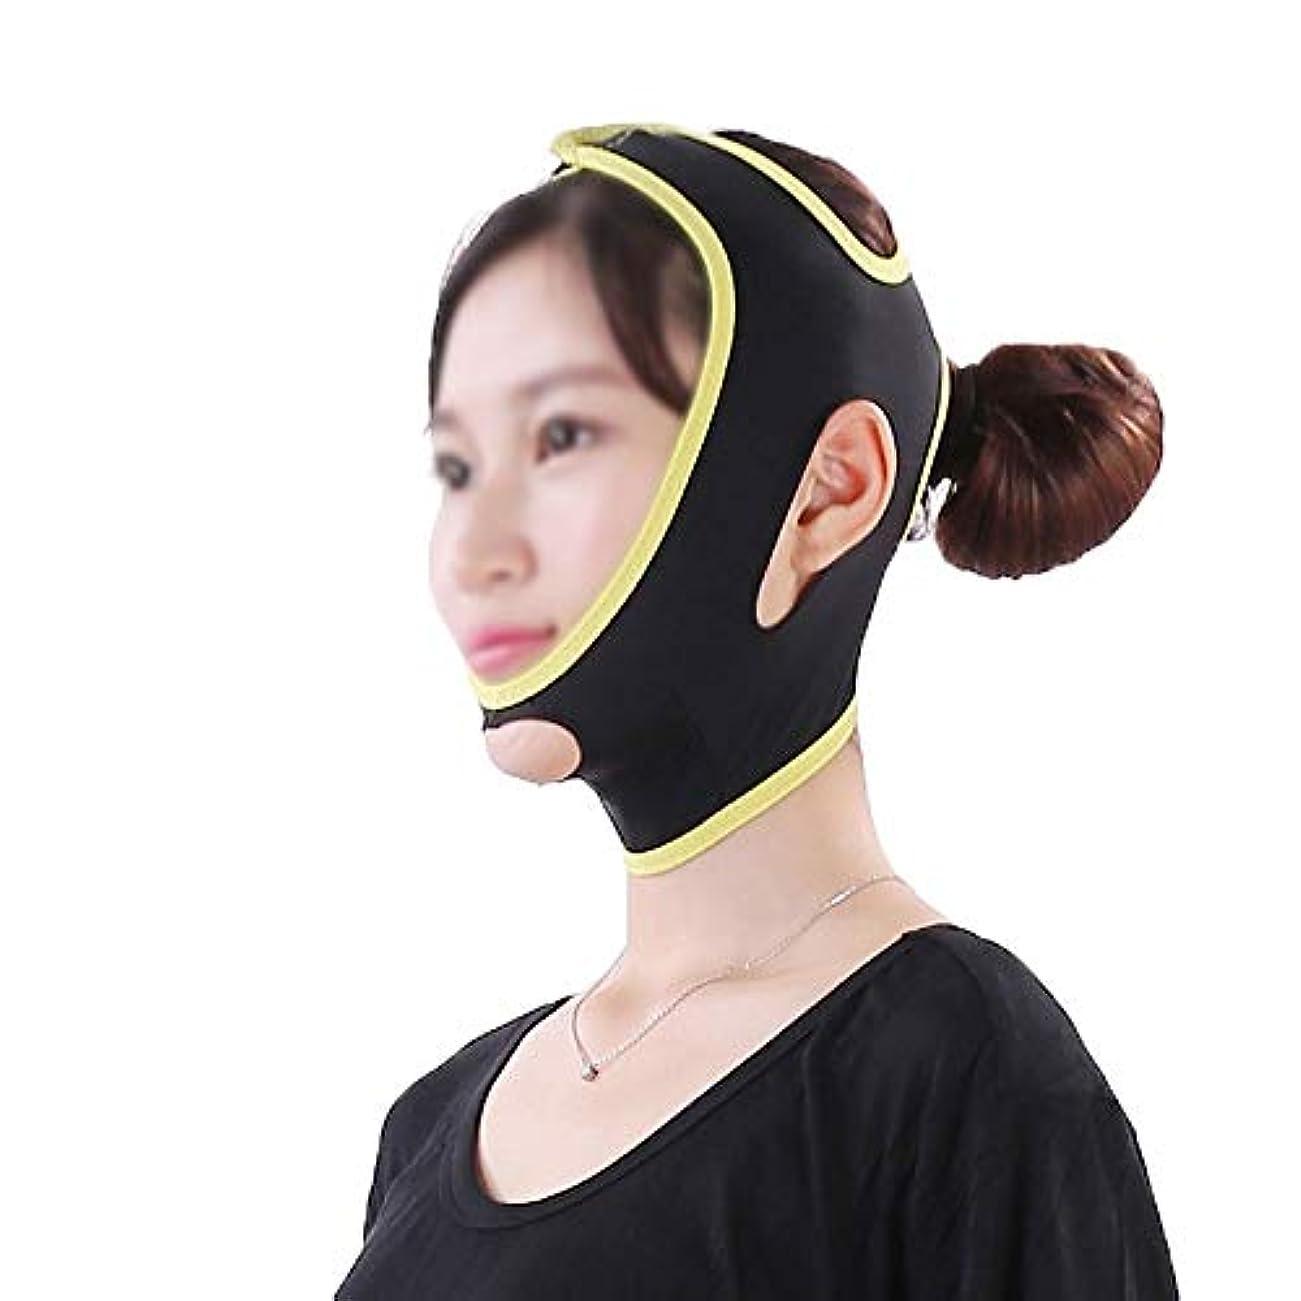 赤化学剪断GLJJQMY フェイス&ネックリフトシンフェイスマスクパワフルマスクフェイスリフトアーチファクトフェイスリフトフェイスツールシンフェイス包帯シンフェイスマスク美容マスク 顔用整形マスク (Size : L)